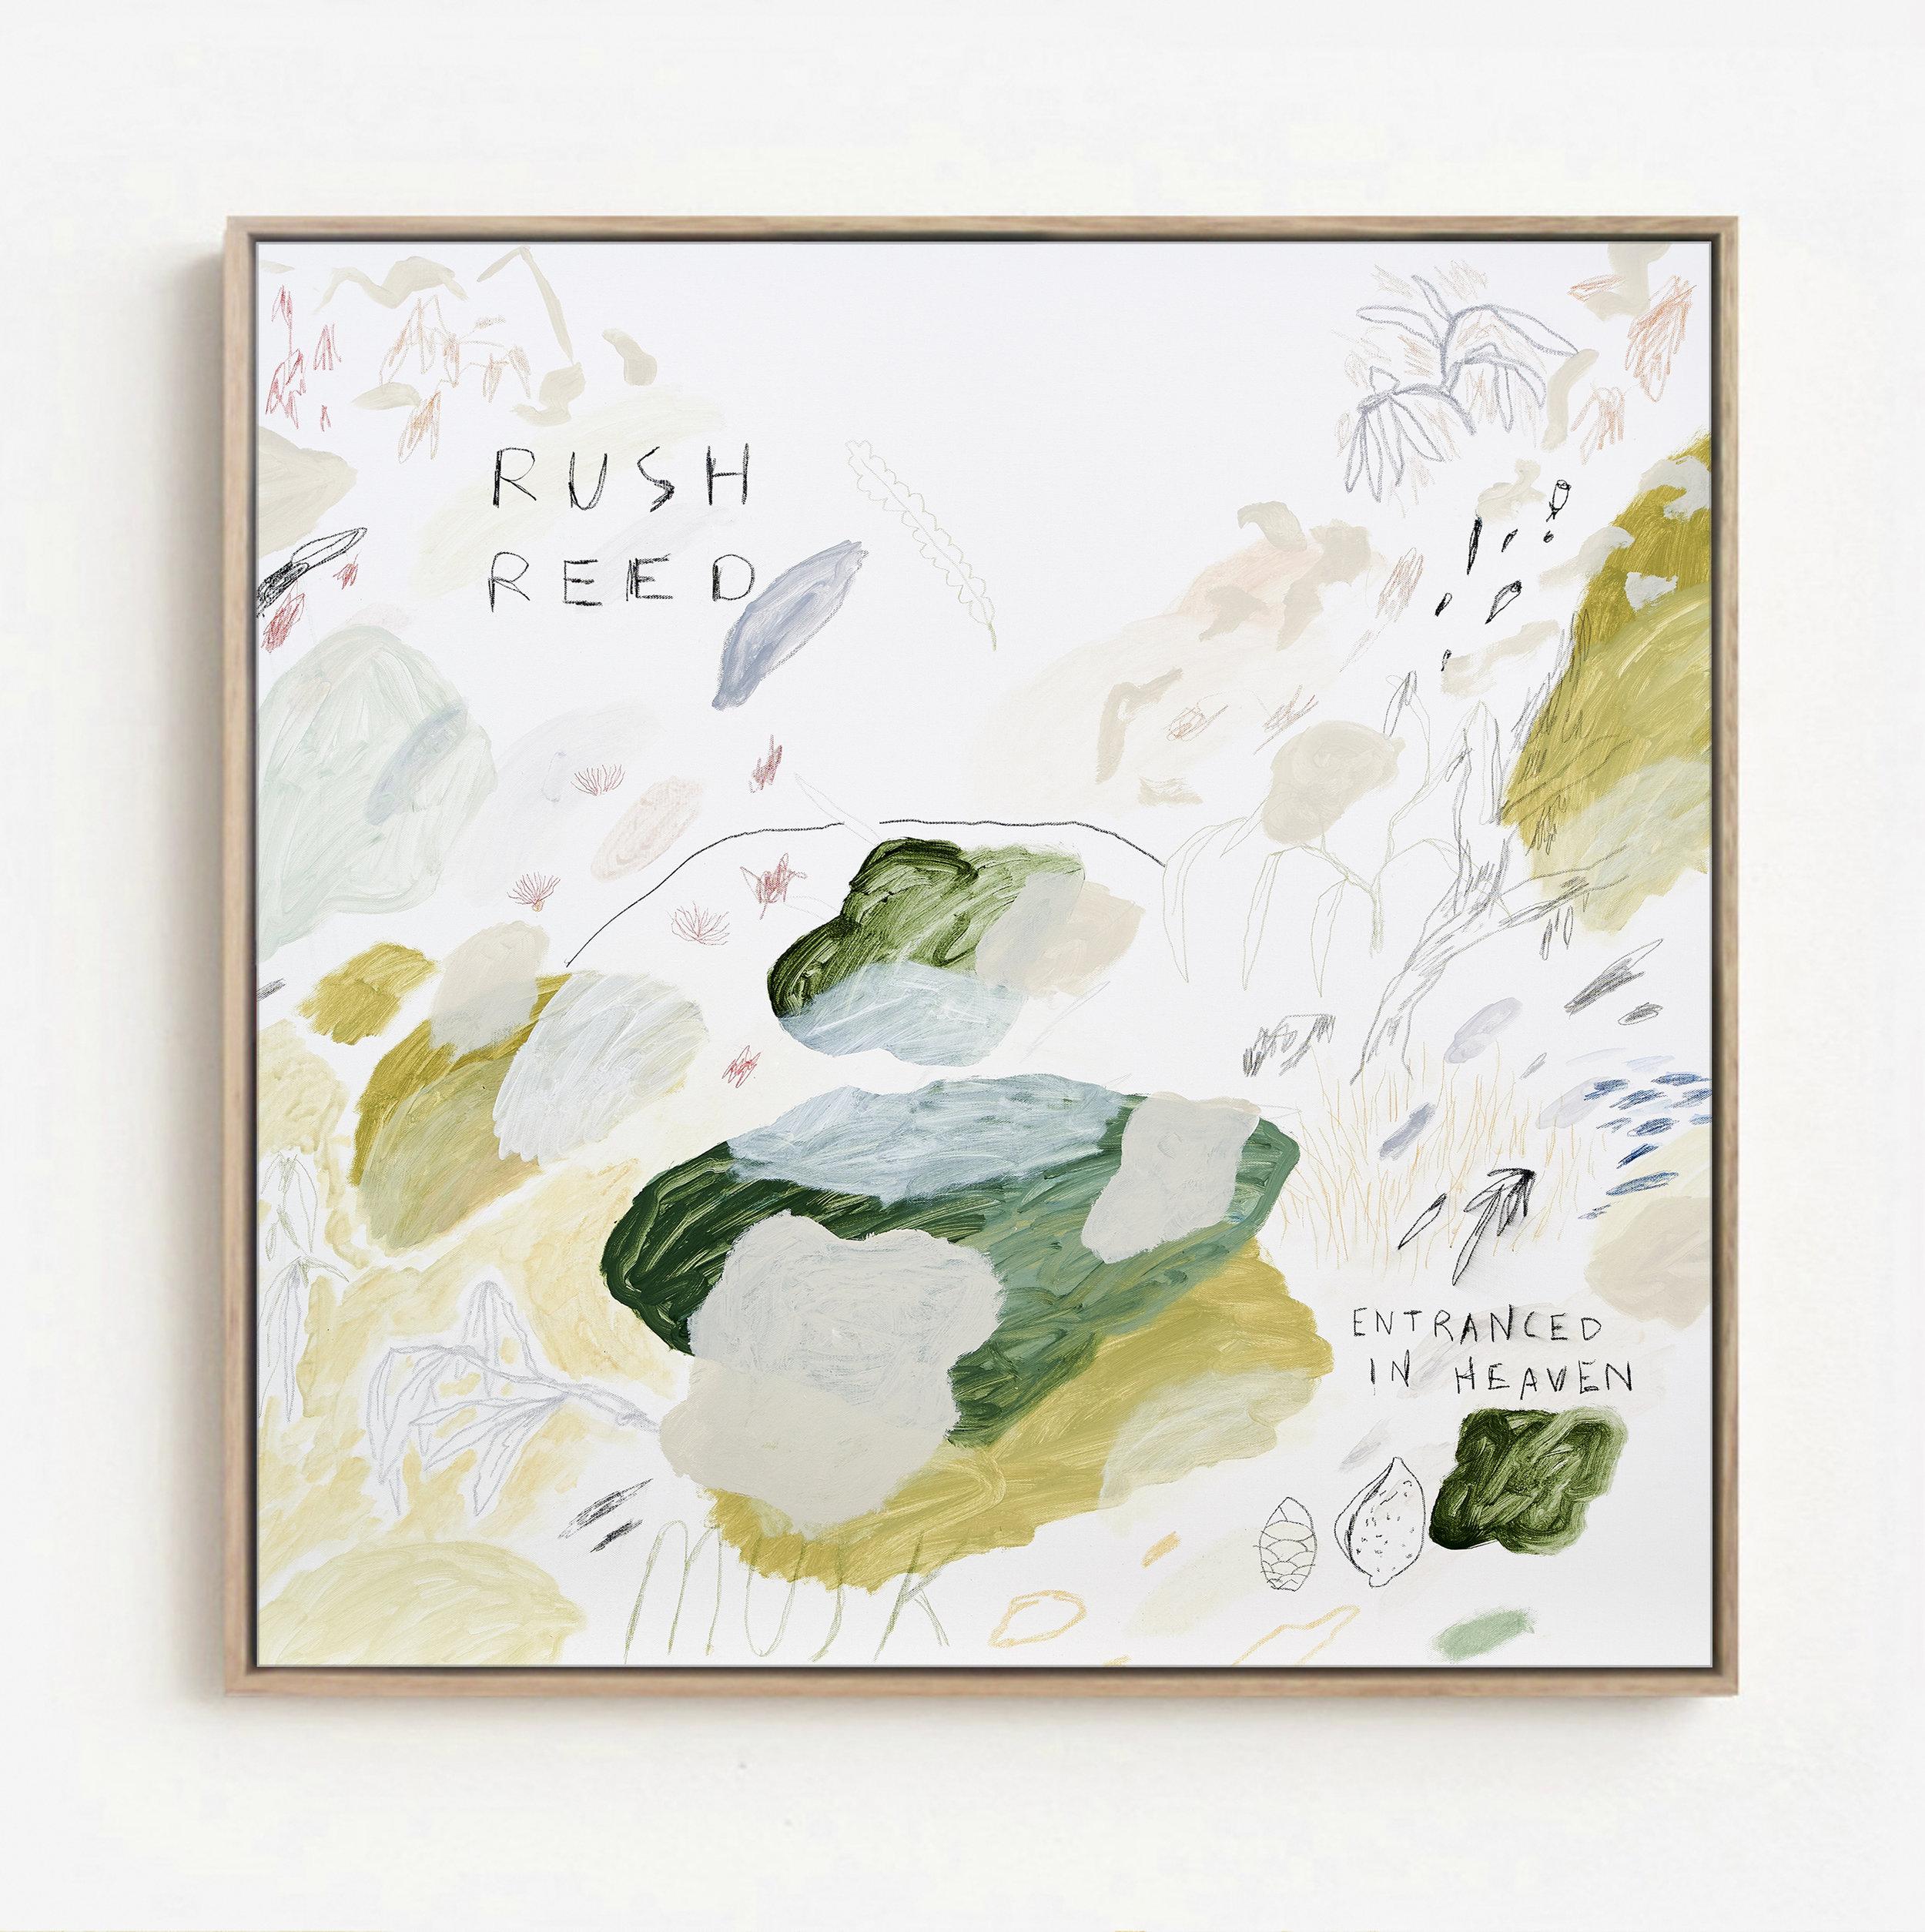 Rush Reed Framed Otomys.jpg